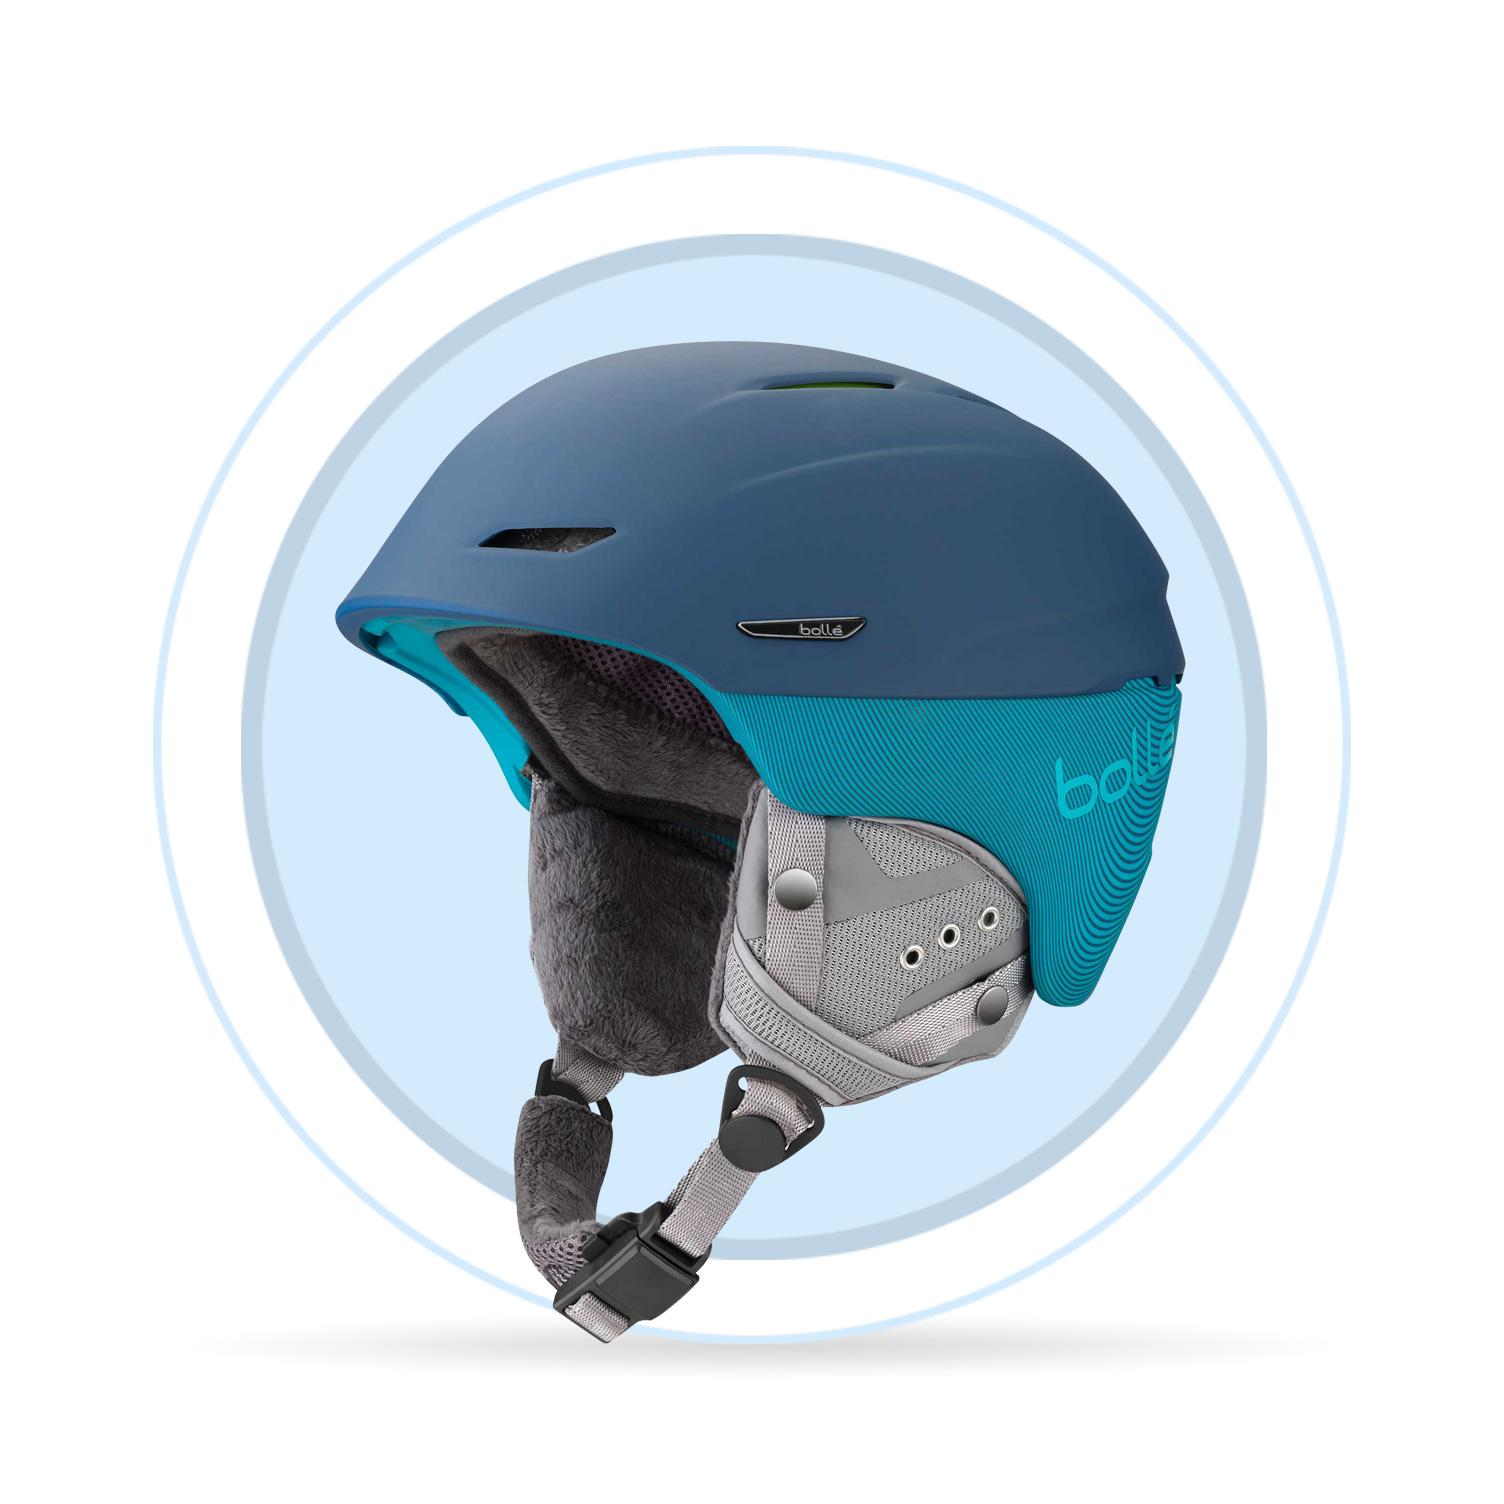 98f096074 Rovnako tak, by mala byť prilba opatrená návodom k používaniu, ktorý  užívateľa poučí, ako s prilbou zaobchádzať a udržiavať ju.